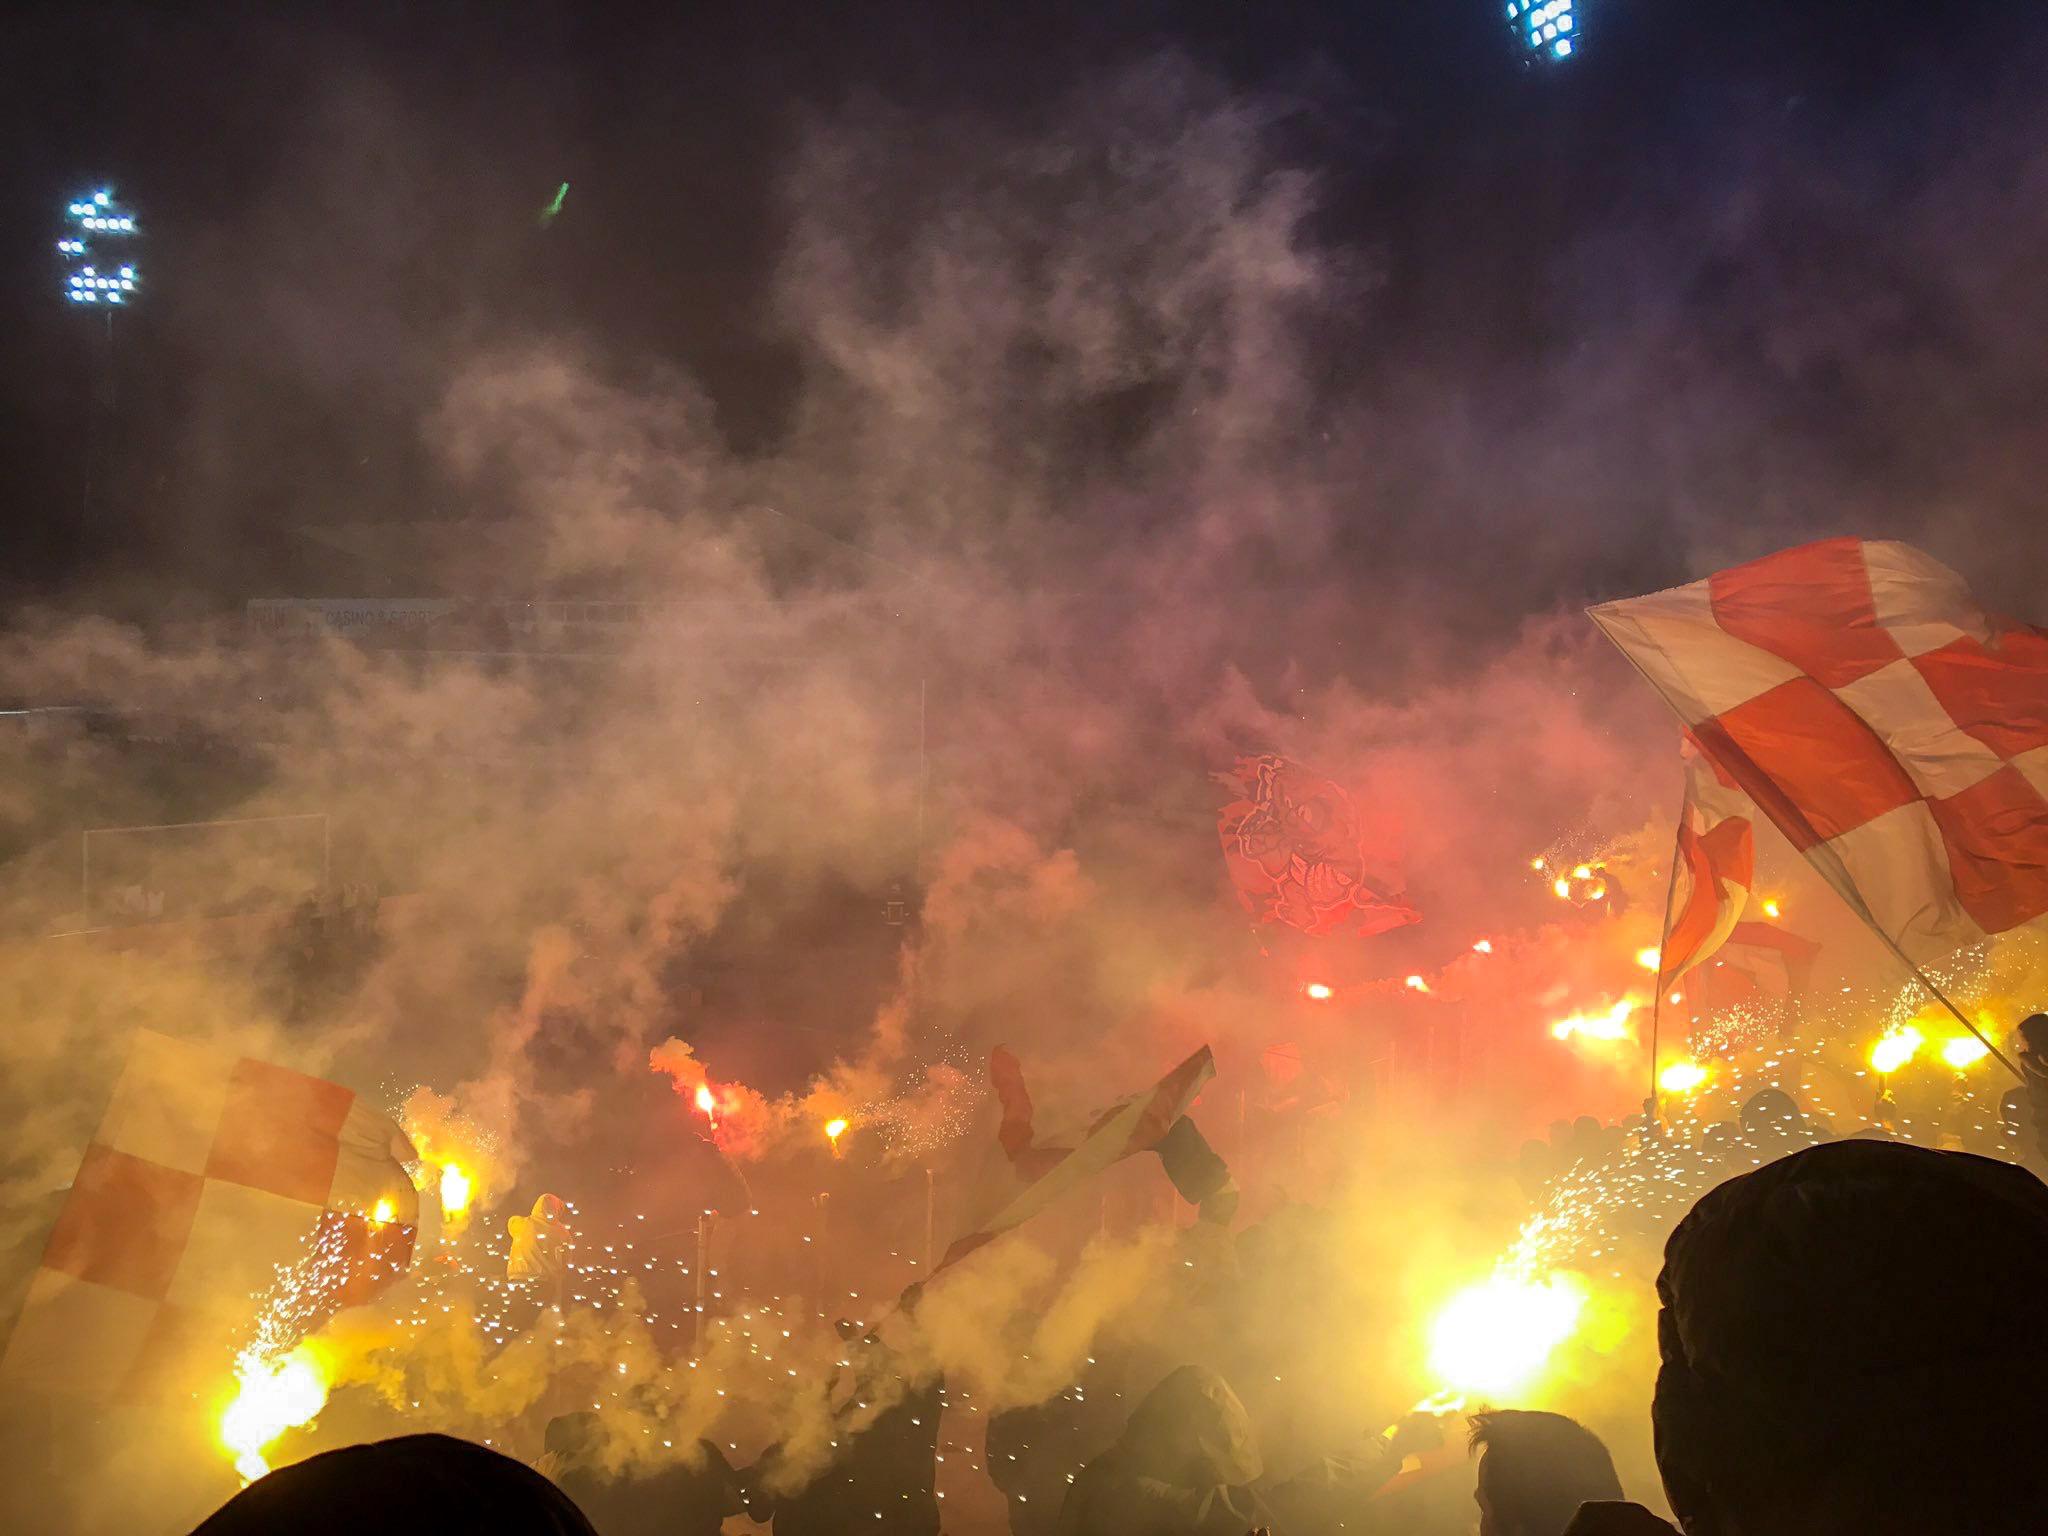 CSKA-Sofia-Fans-Ludogorets-Flares